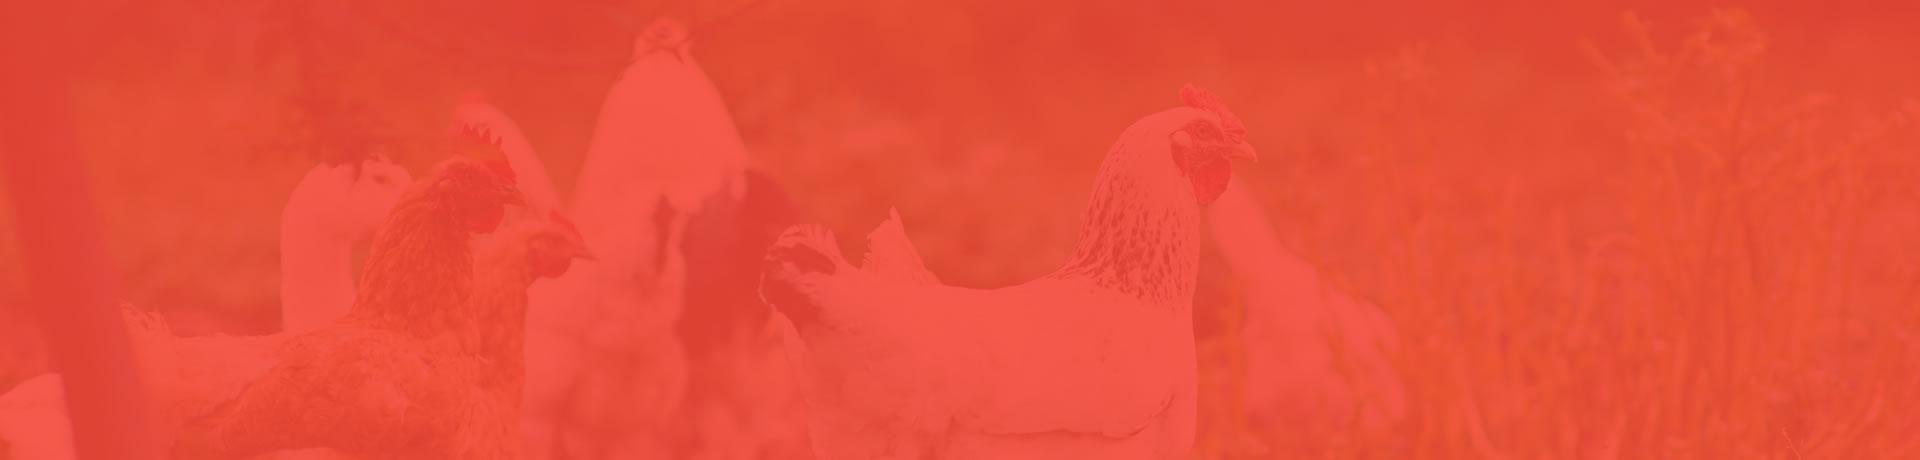 Produção, abate, desmancha  e comercialização de carne de aves